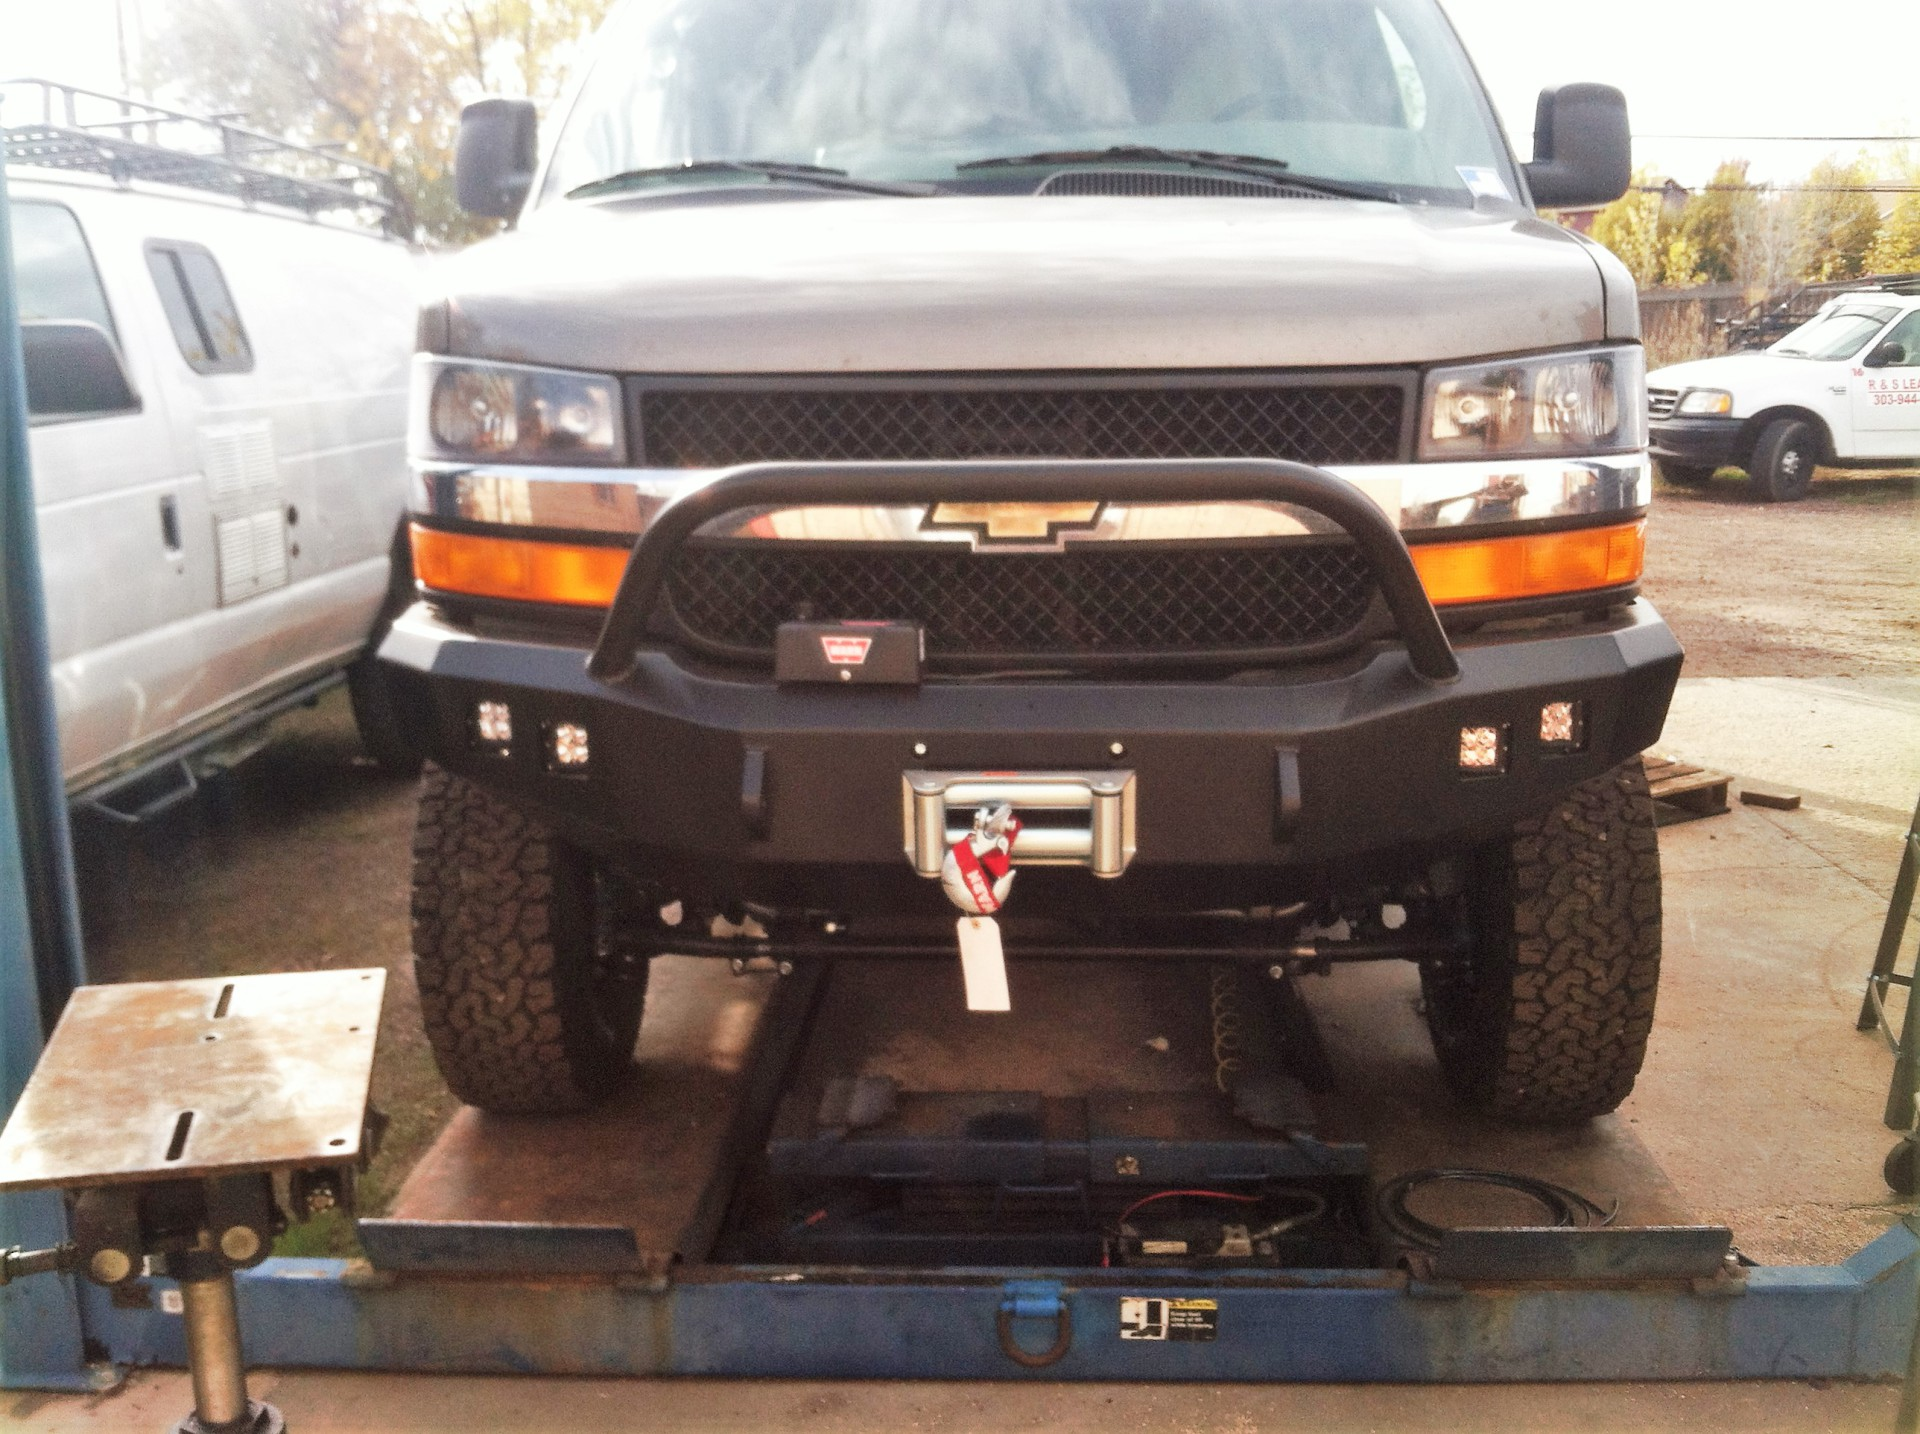 Chevy Express Roadtrek winch bumper